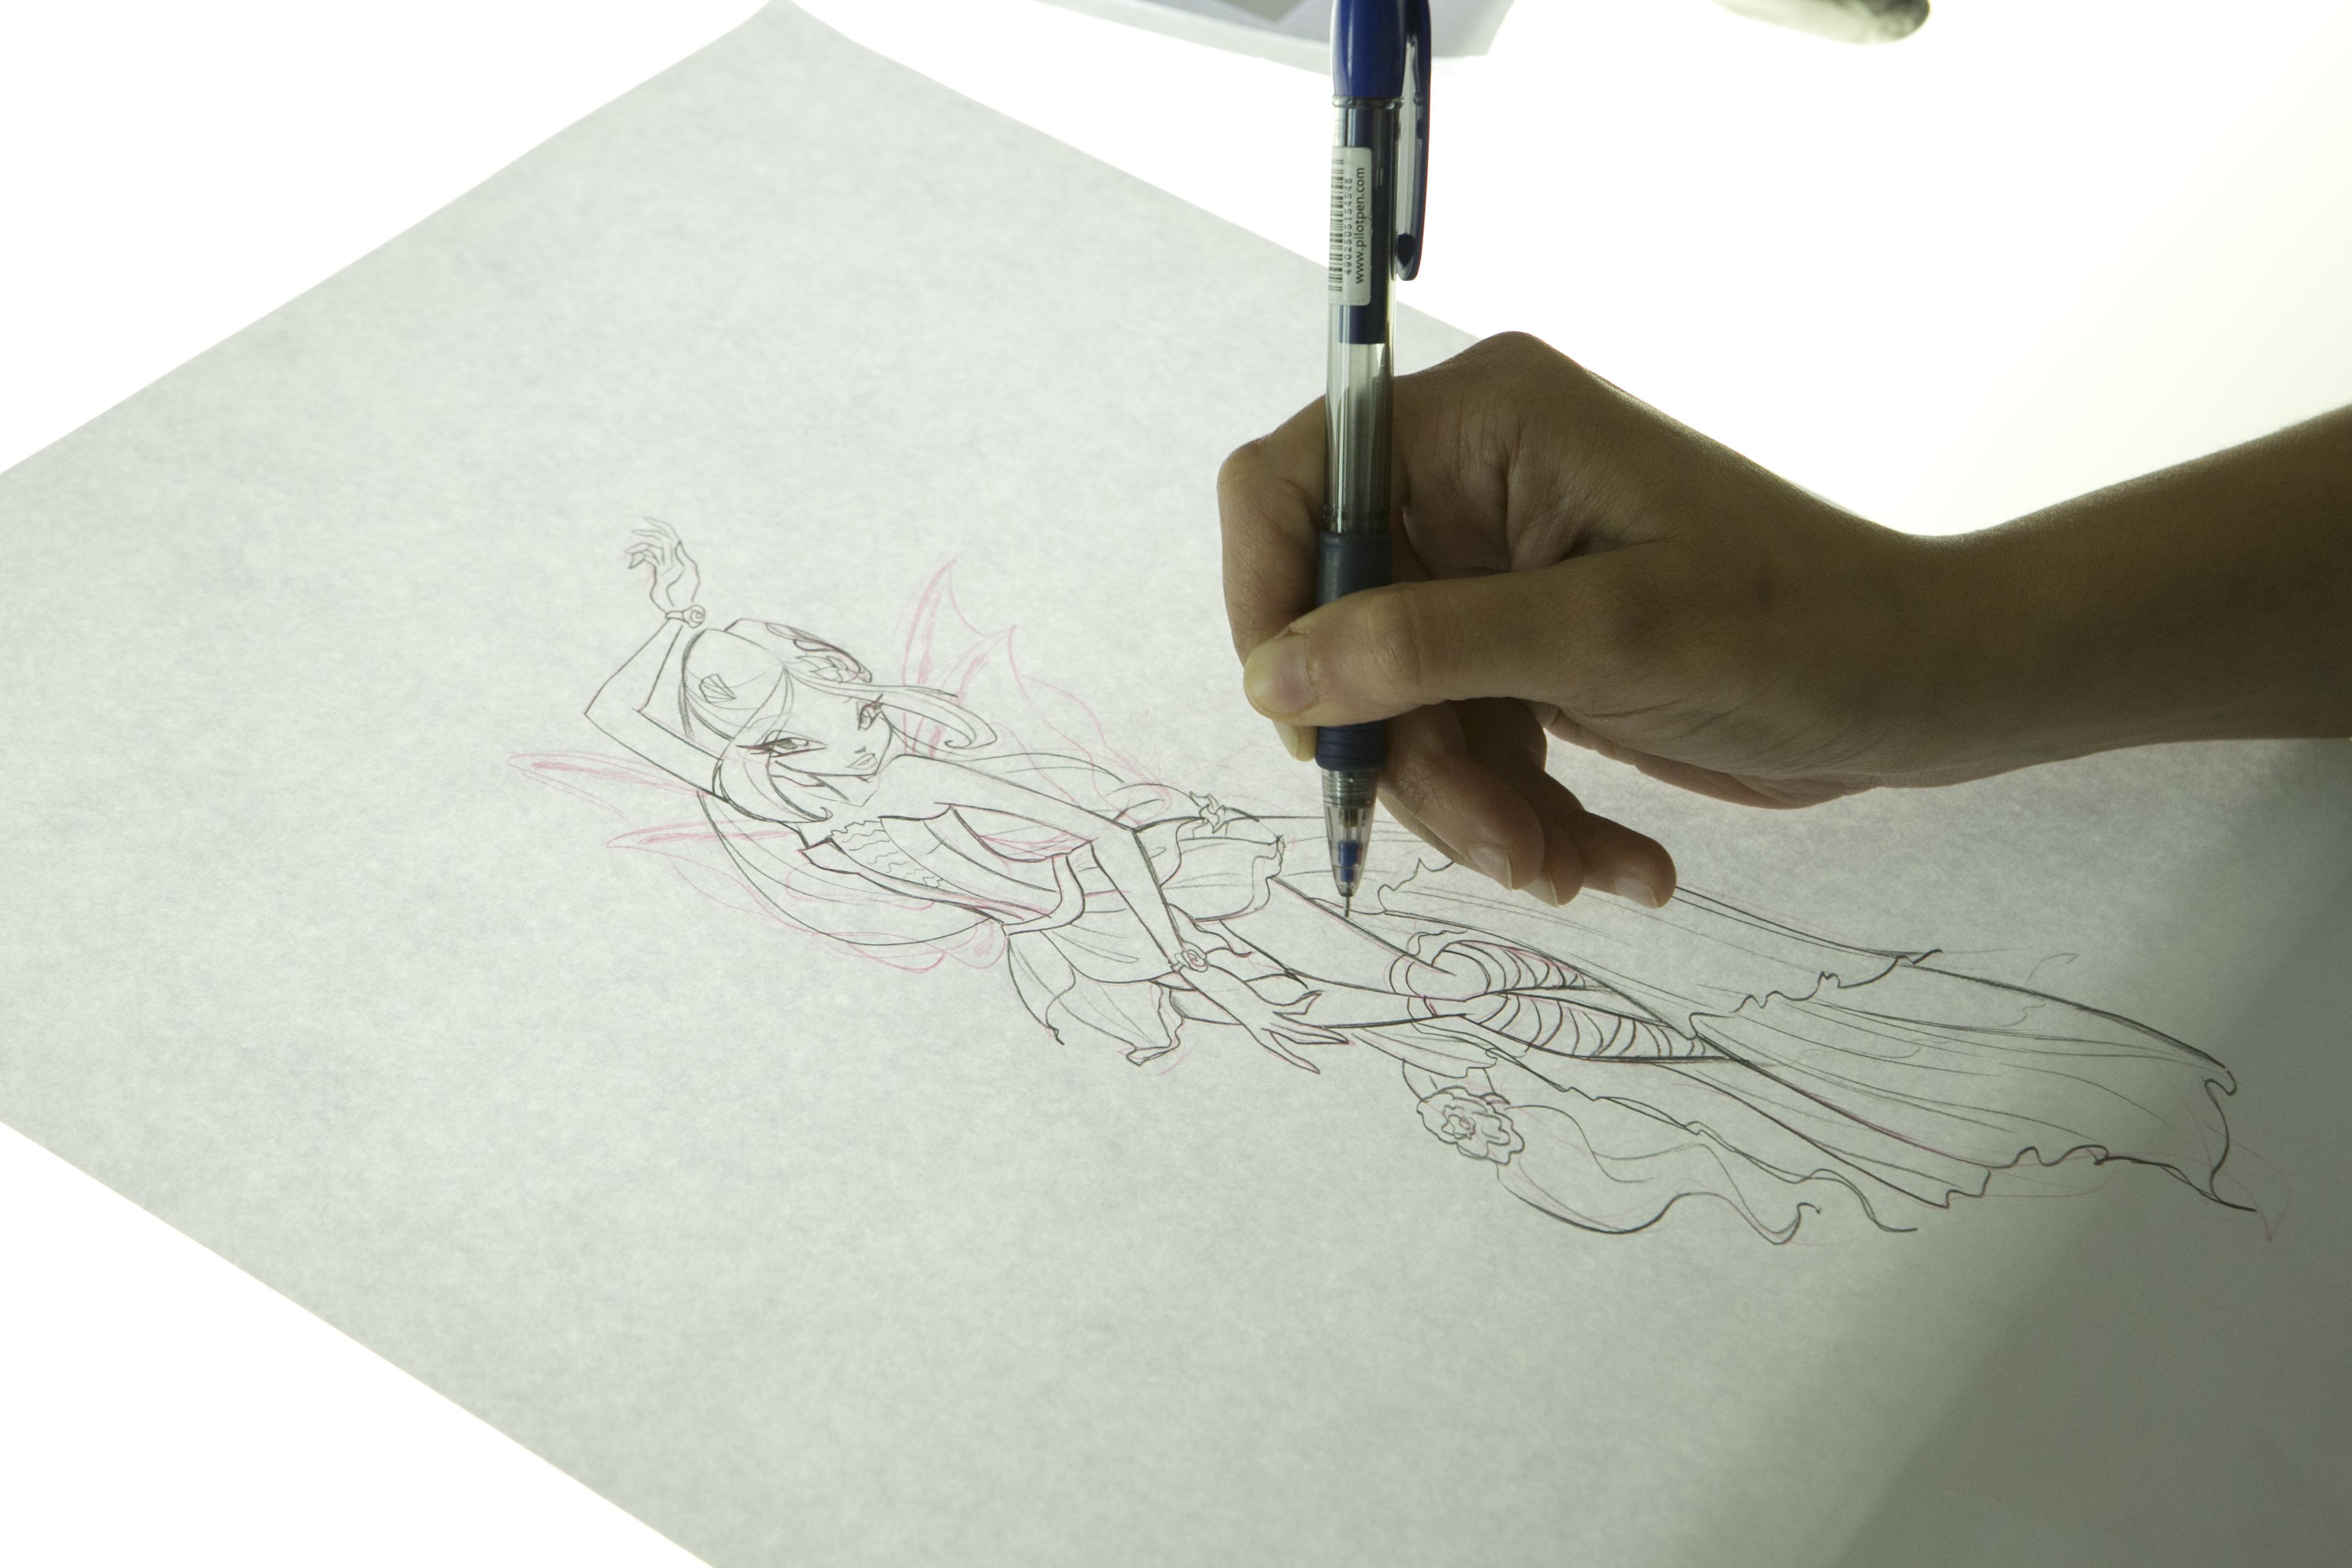 Winx Club - Il mistero degli abissi: un animatore al lavoro negli studi Rainbow